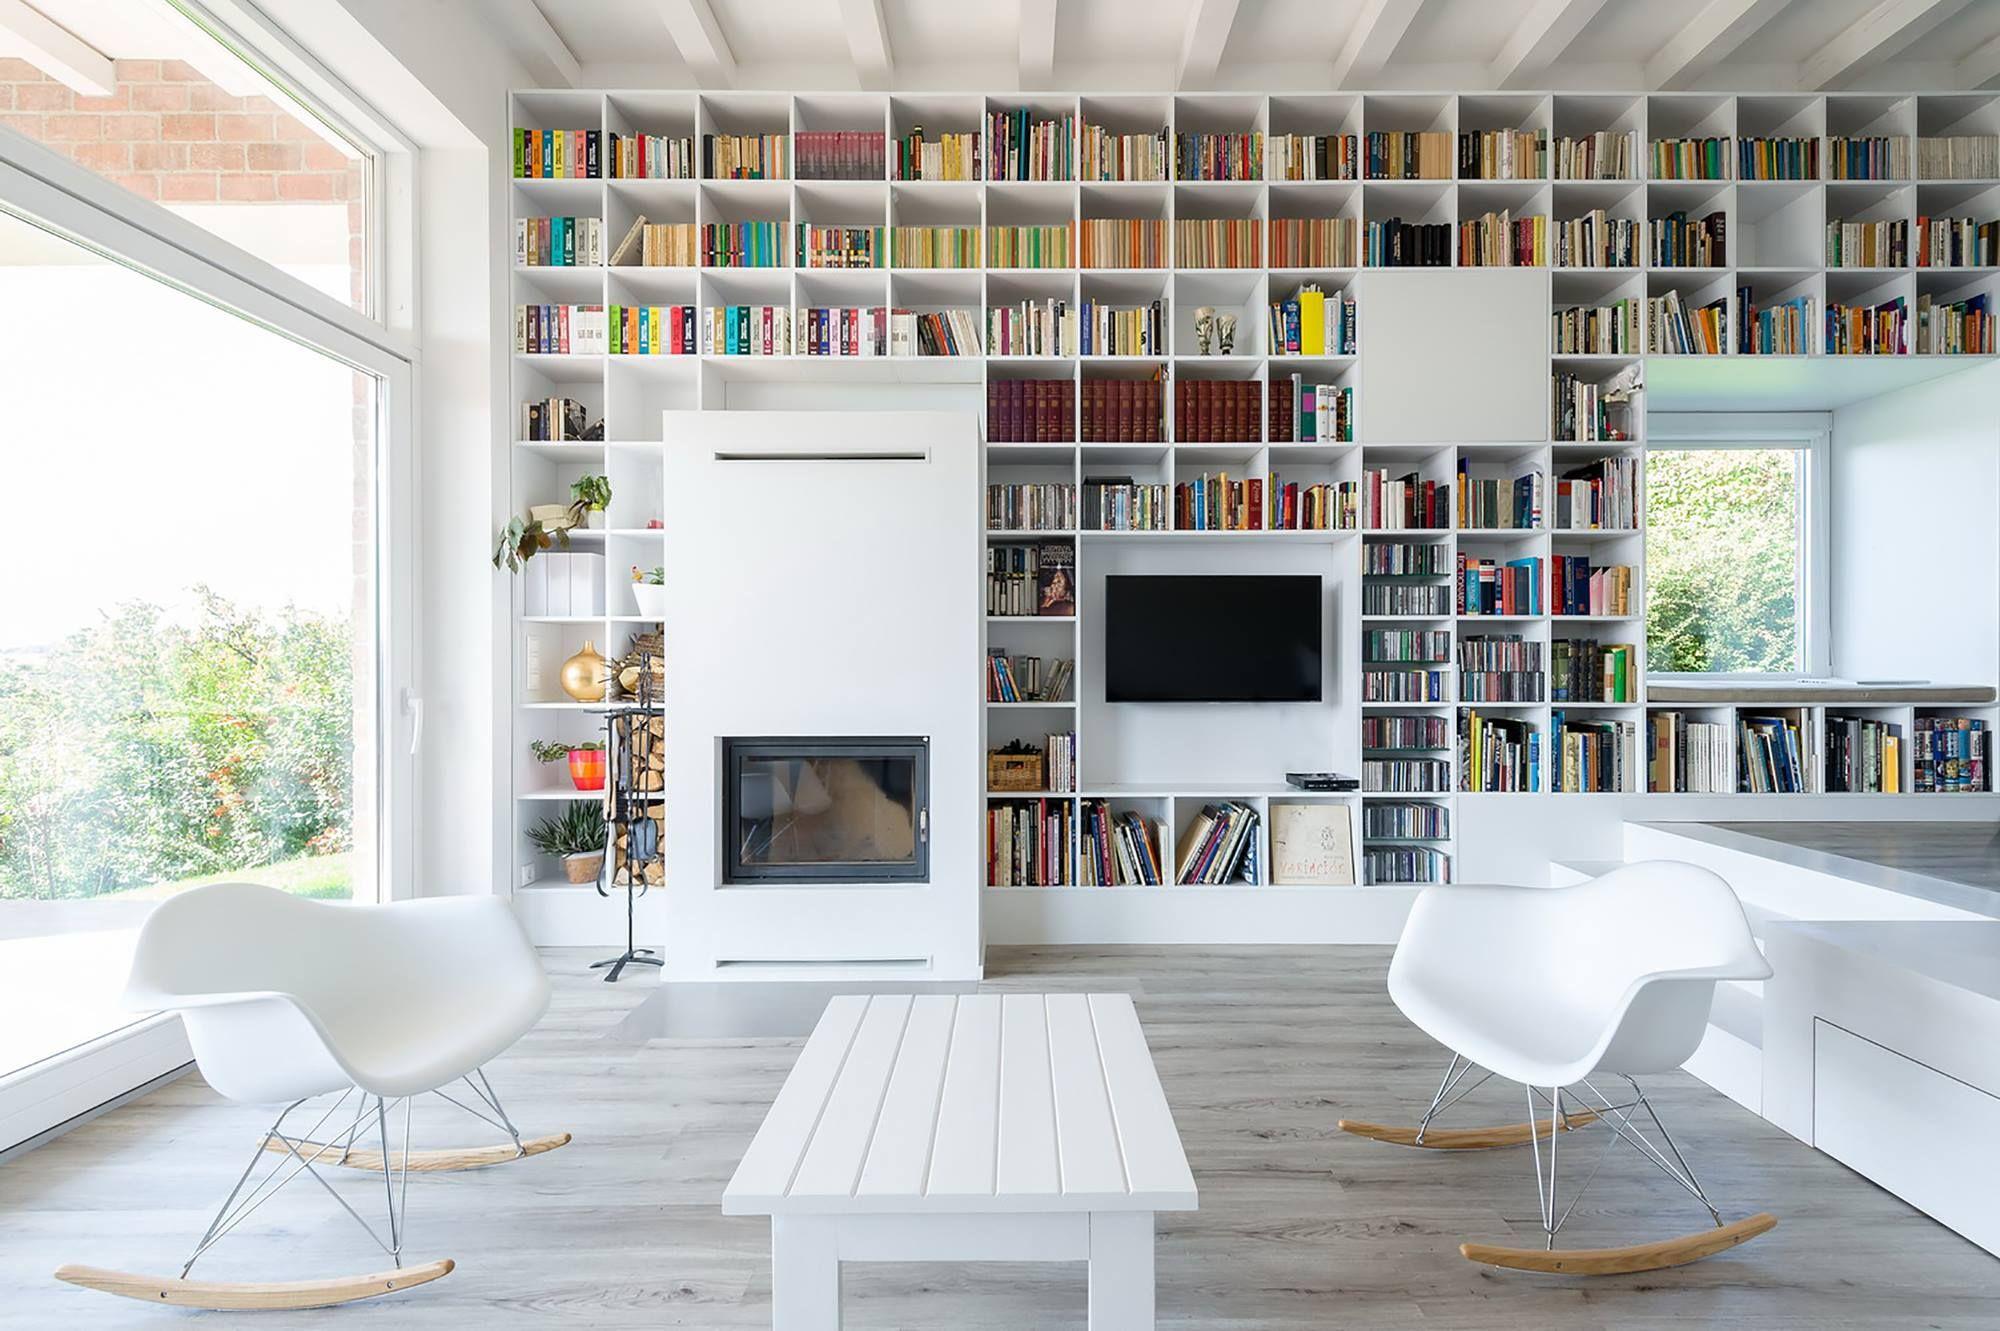 Pin Von Shadowsoliv Shadowsoliv Auf Architecture D Interieur Mit Bildern Hausbibliothek Innenarchitektur Bucherregal Weiss